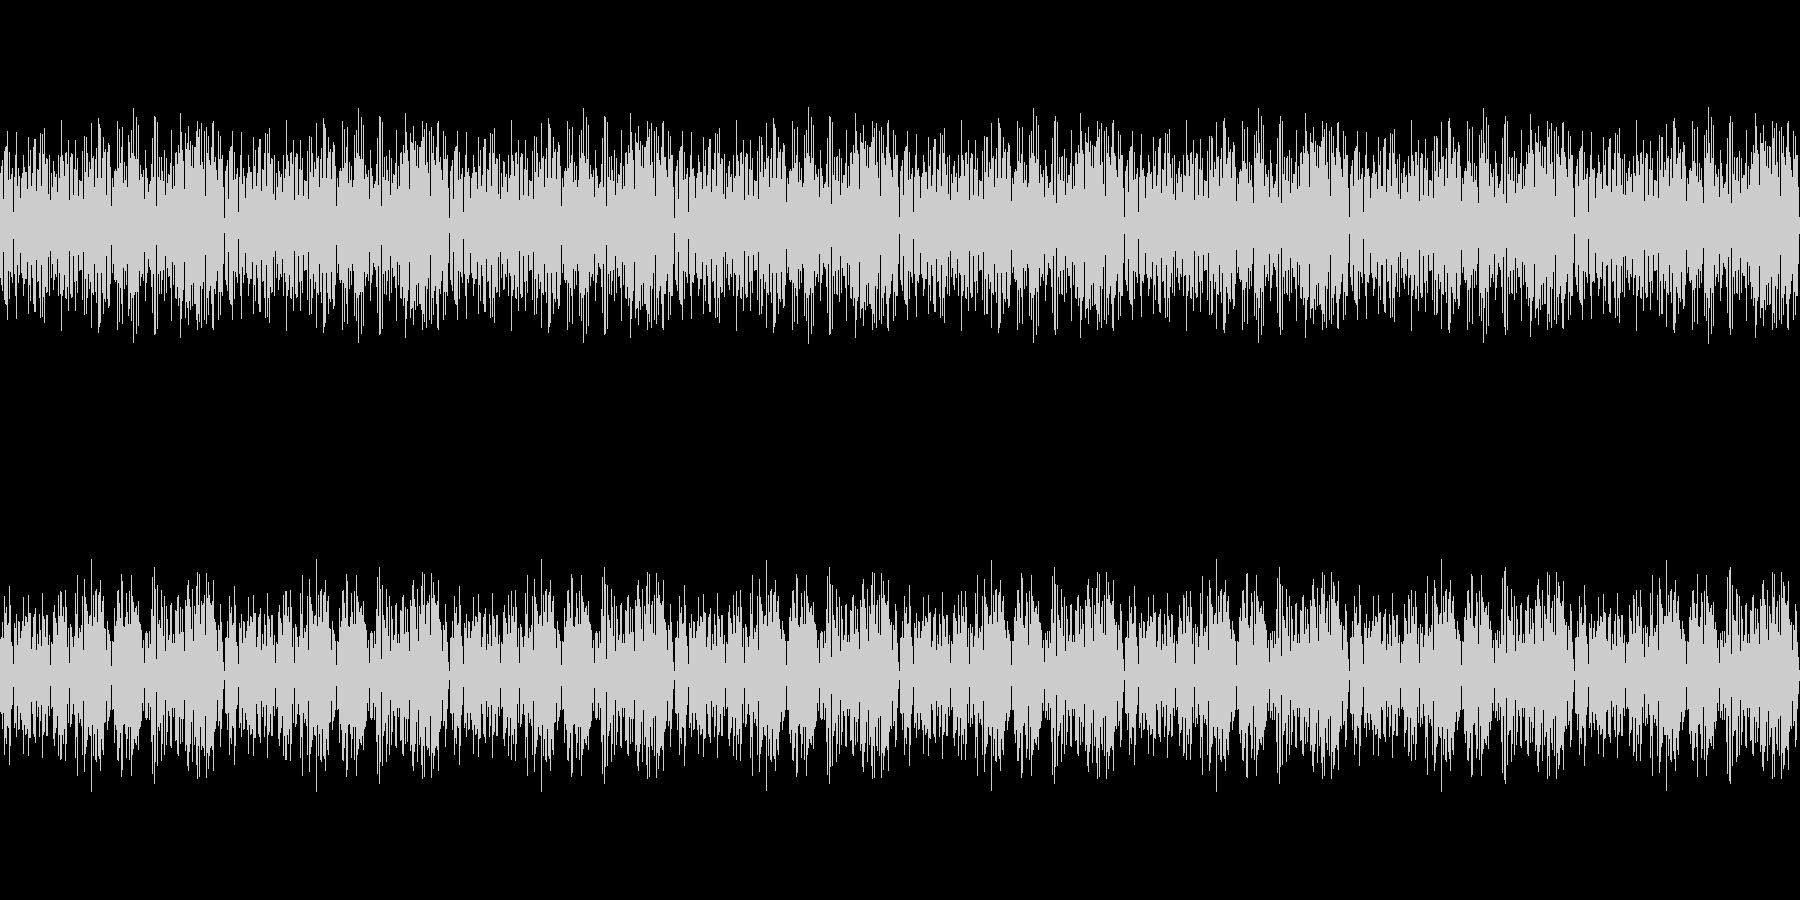 のんびりとした雰囲気のピアノ曲 ループ版の未再生の波形